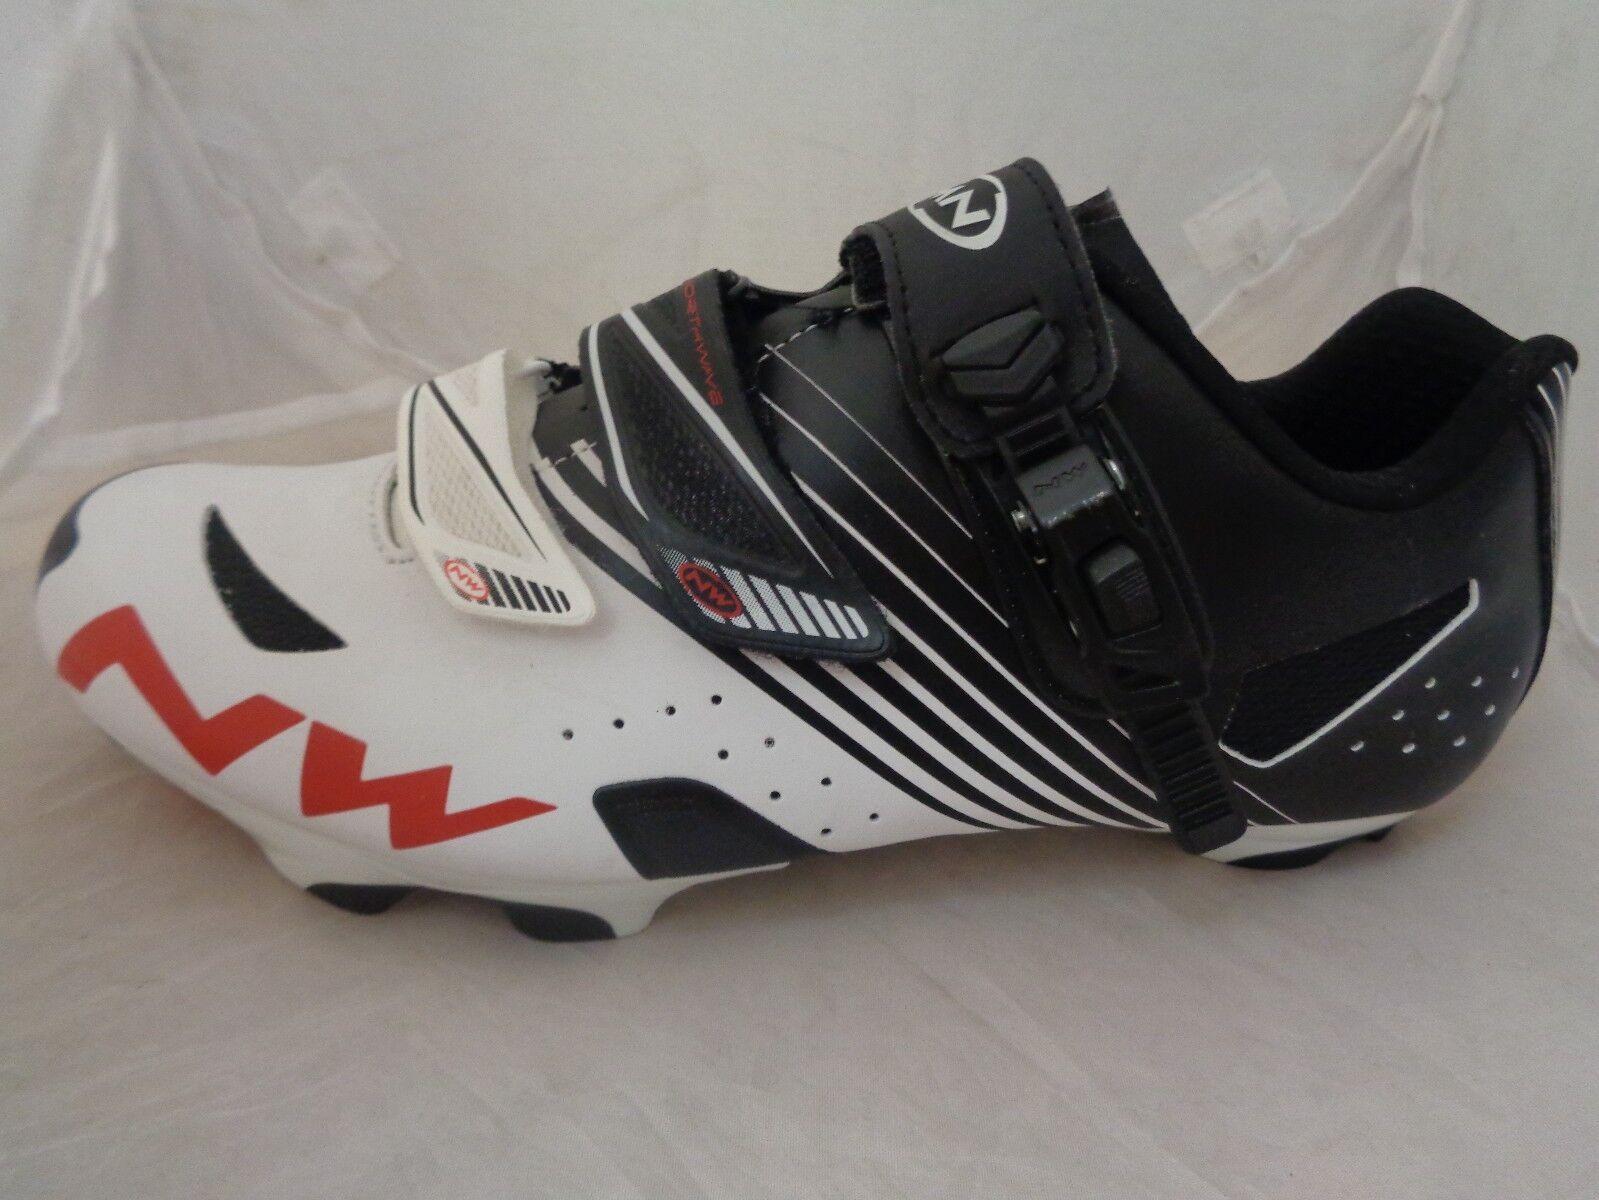 North Wave Hammer Hombres Zapatos De Ciclismo UK 7.5 nos 8.5 EU 41 cm 26.6 ref 873 -